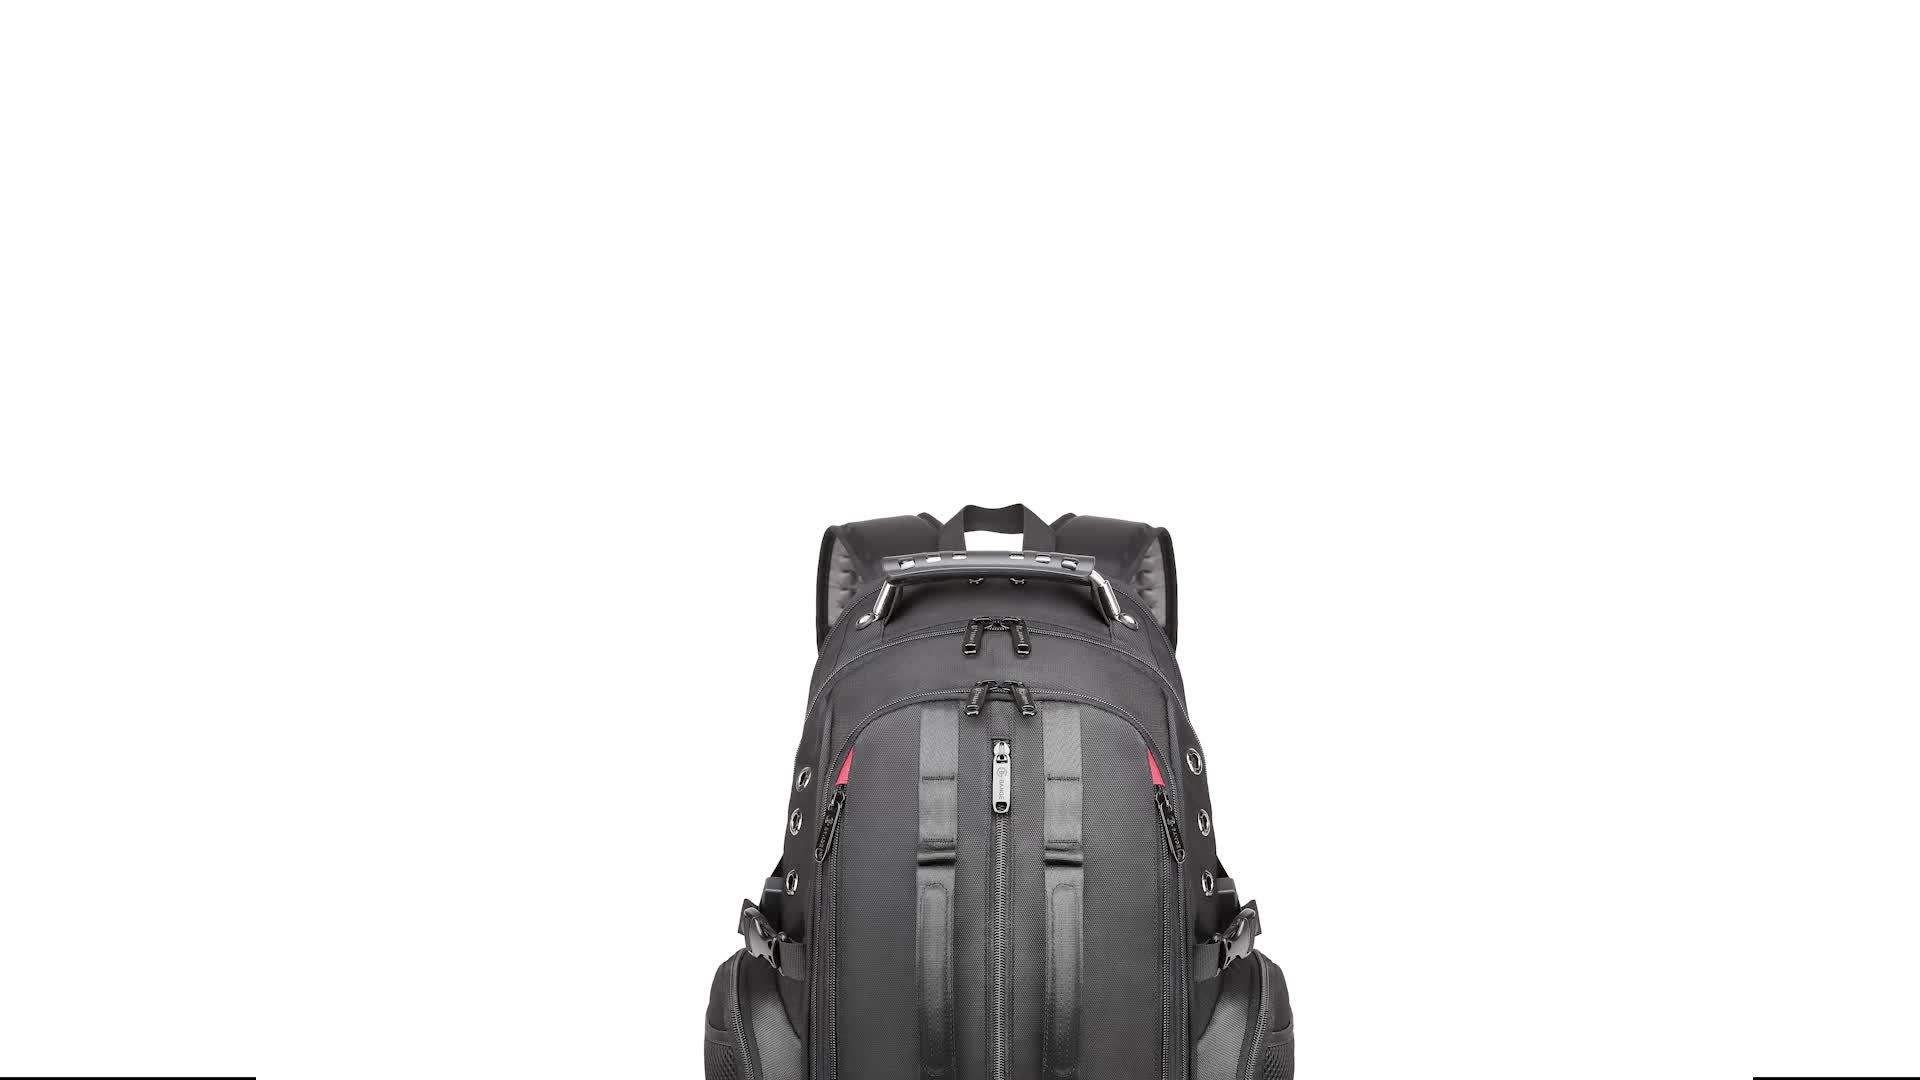 2019 nouveau style USB fonctionnel en plein air sport en gros personnalisé tactique voyage ordinateur portable sac à dos sacs pour hommes sac à dos